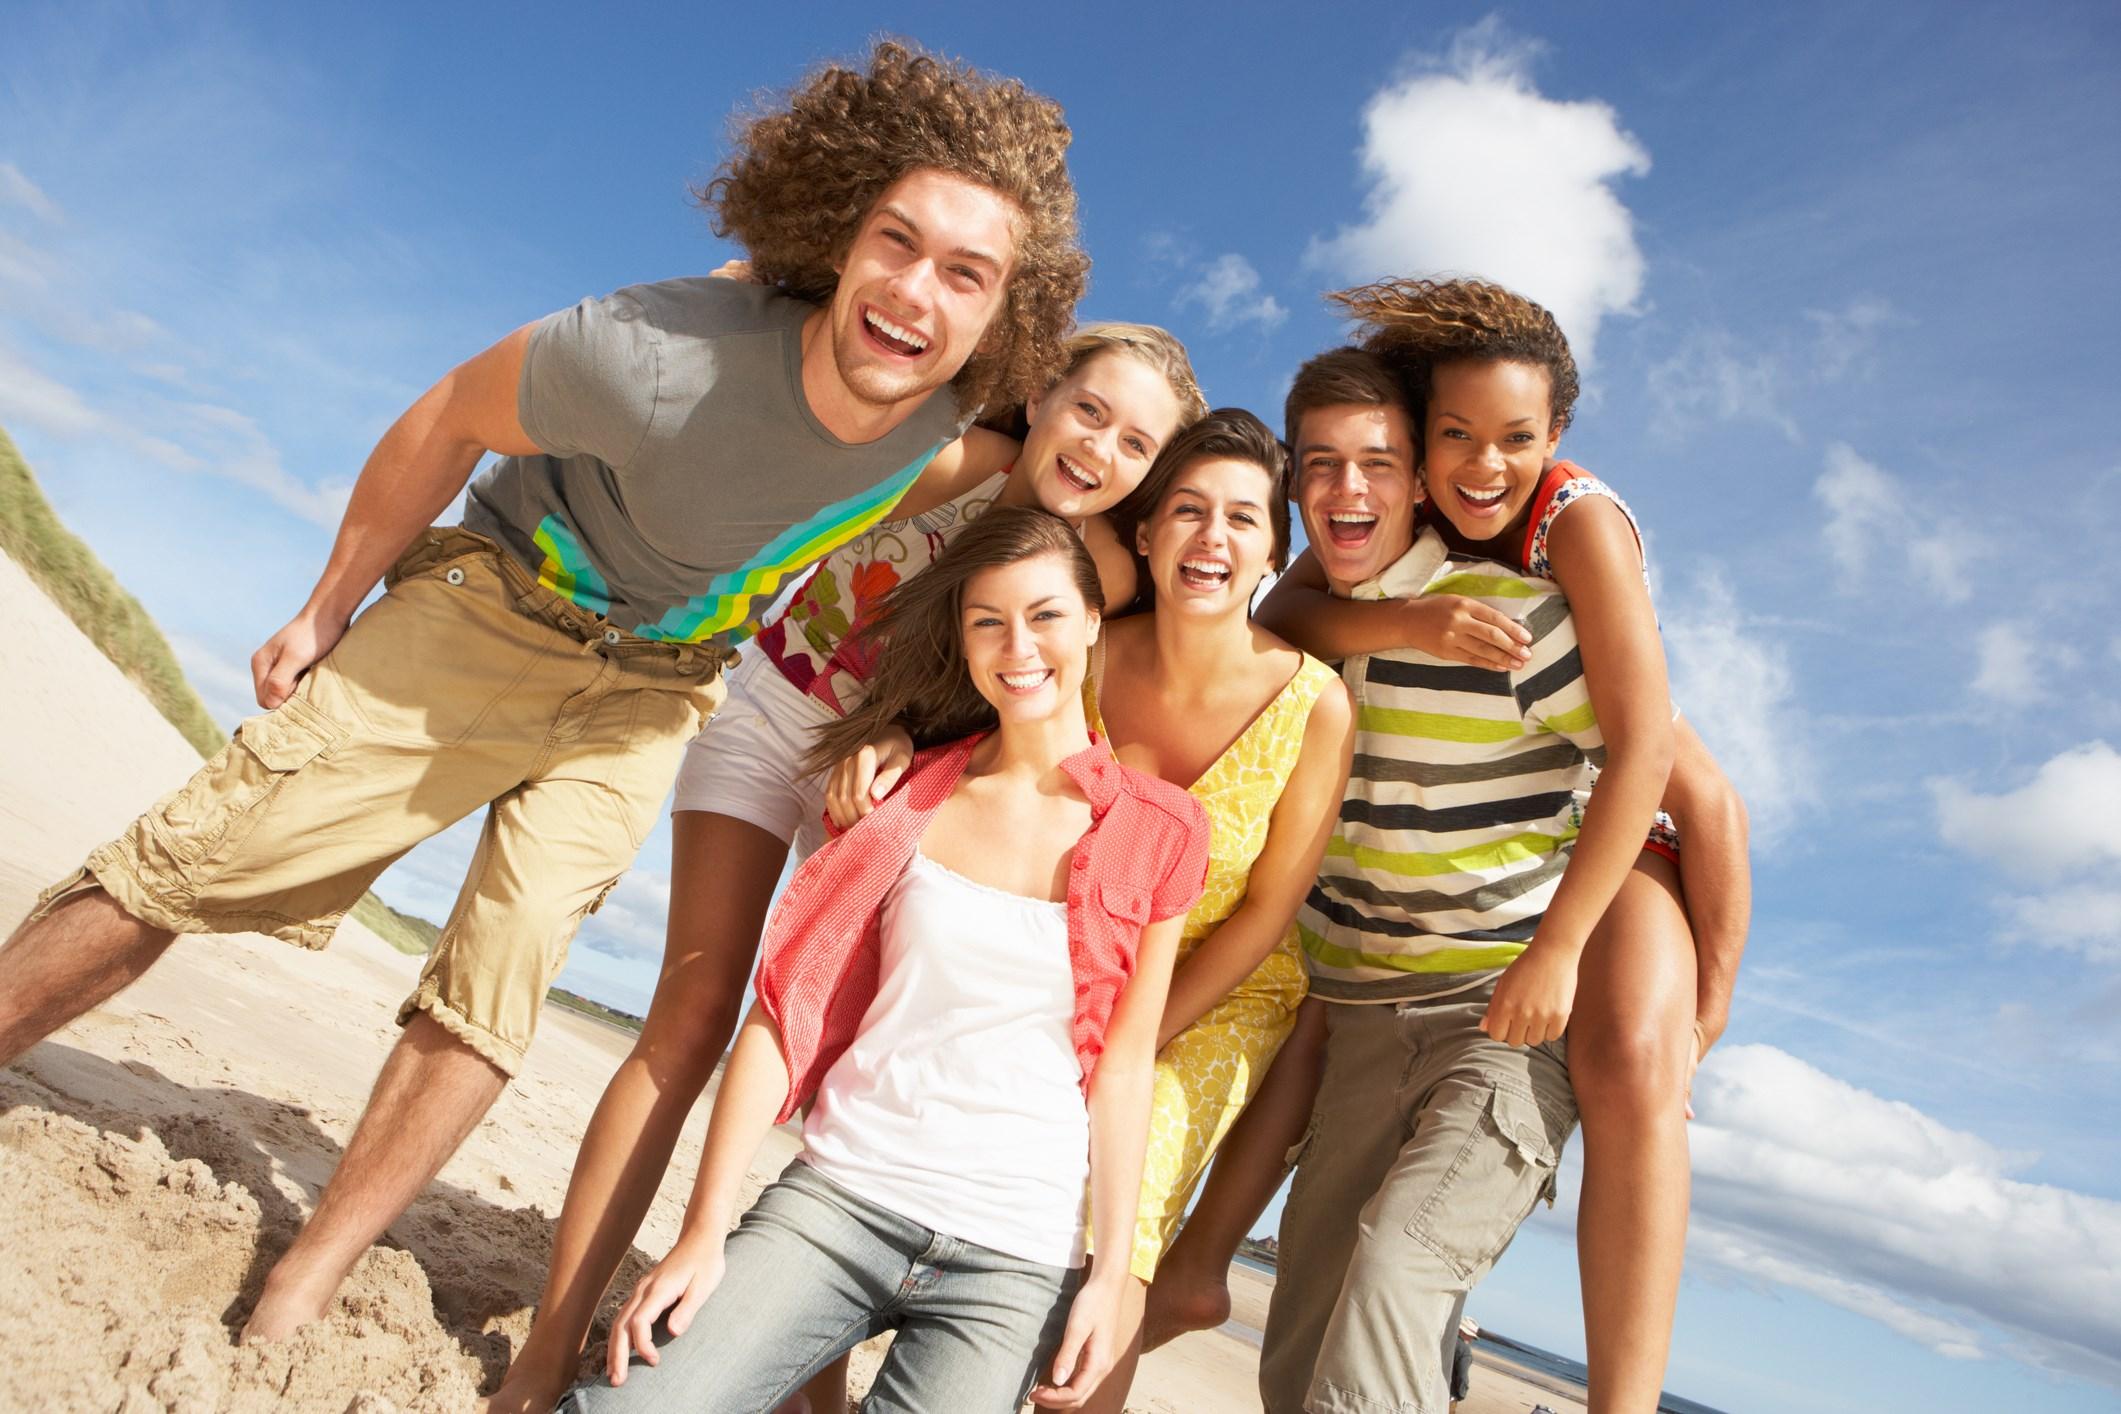 может молодежь познает радости пляже